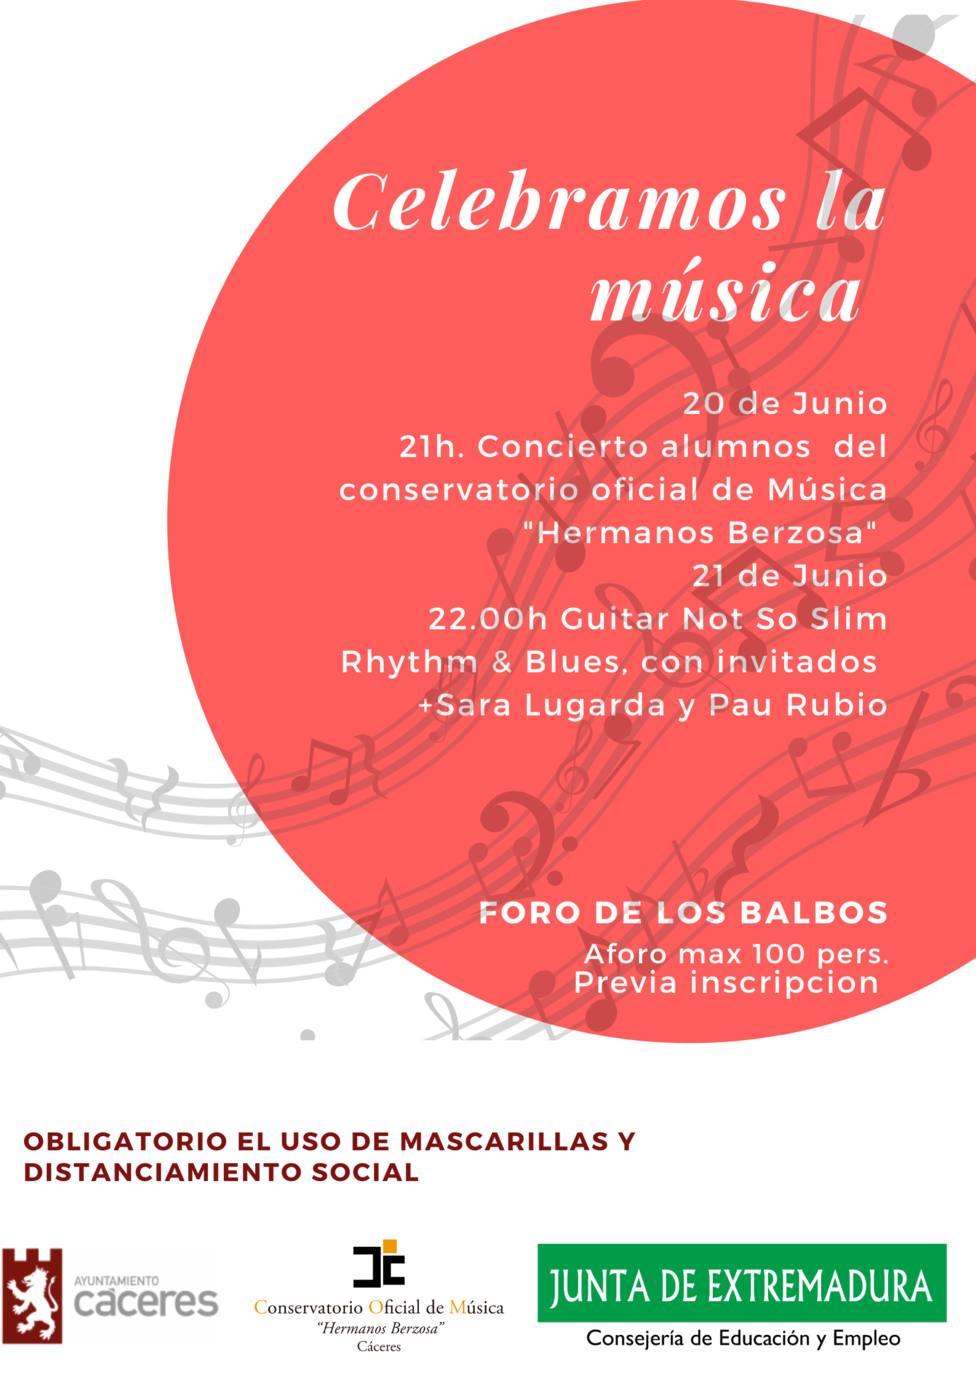 Vuelven los conciertos a la calle en Cáceres este sábado y domingo